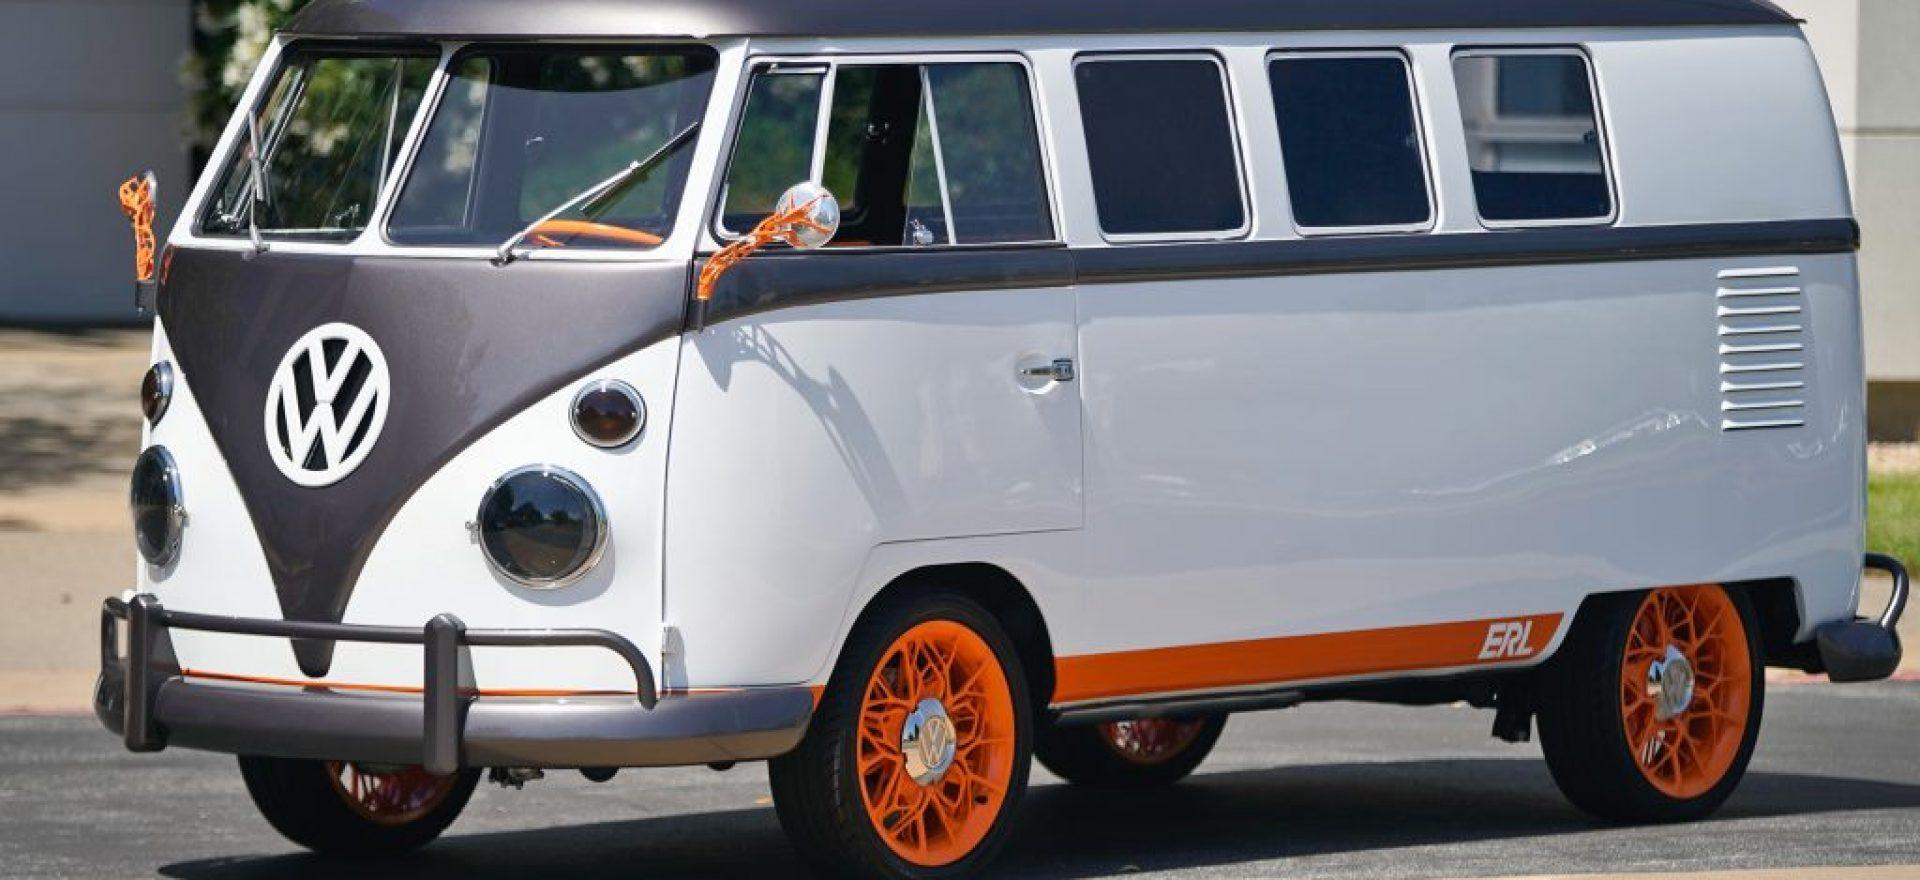 volkswagen-he-lo-concept-cua-kombi-the-he-moi-2-1024x683